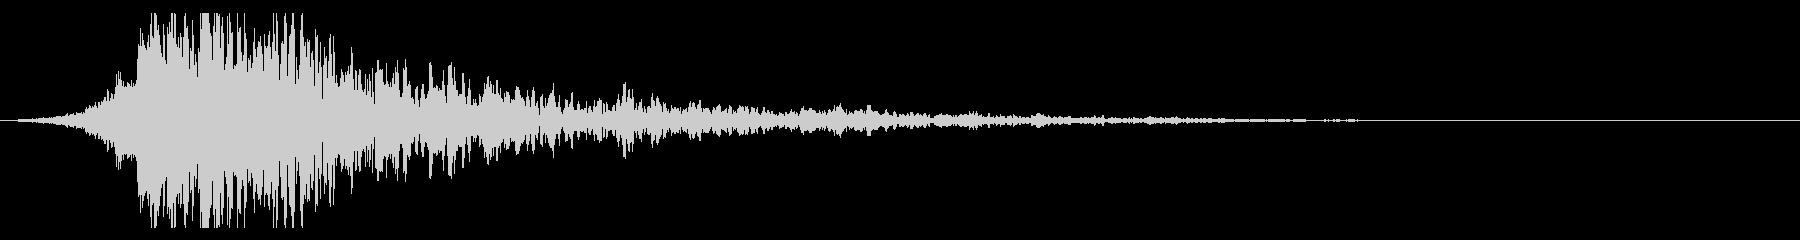 シュードーン-38-2(インパクト音)の未再生の波形